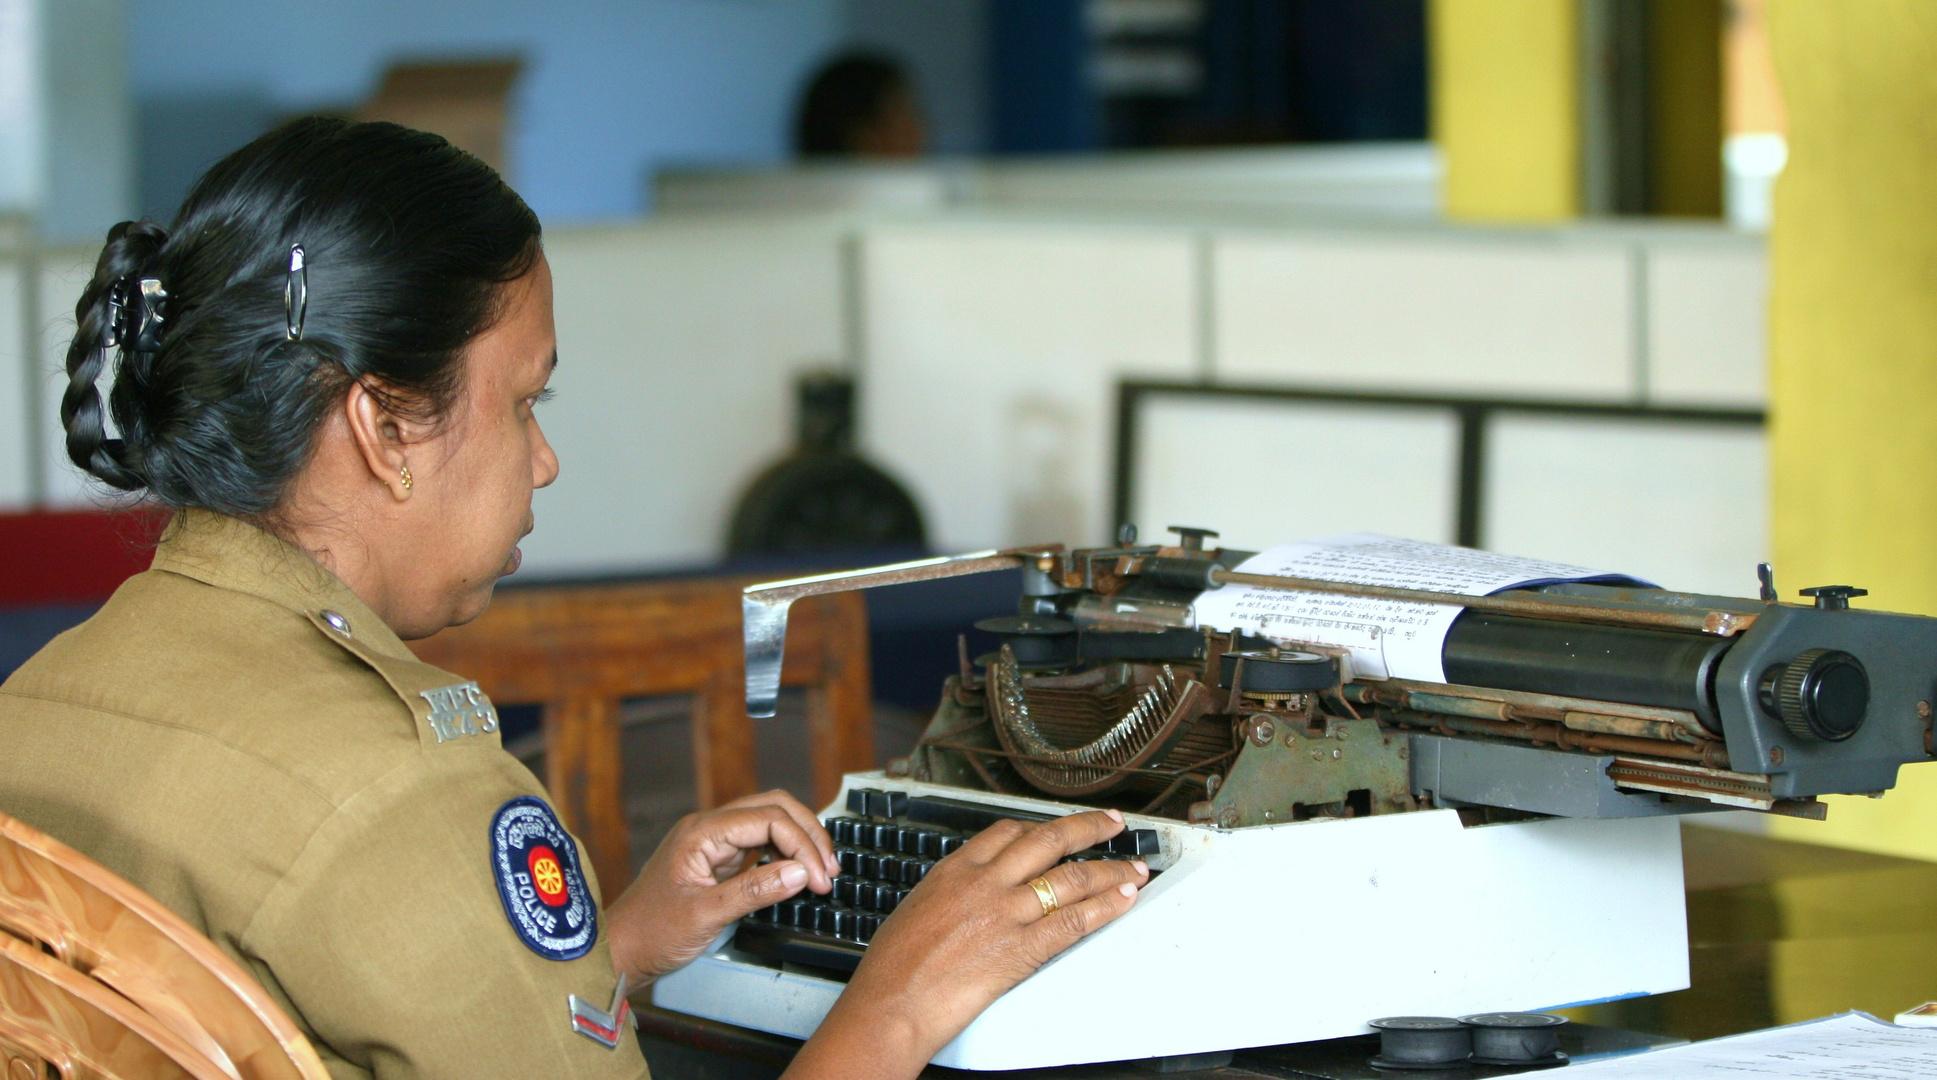 Technischer Fortschritt bei der Polizei in Sri Lanka 2012